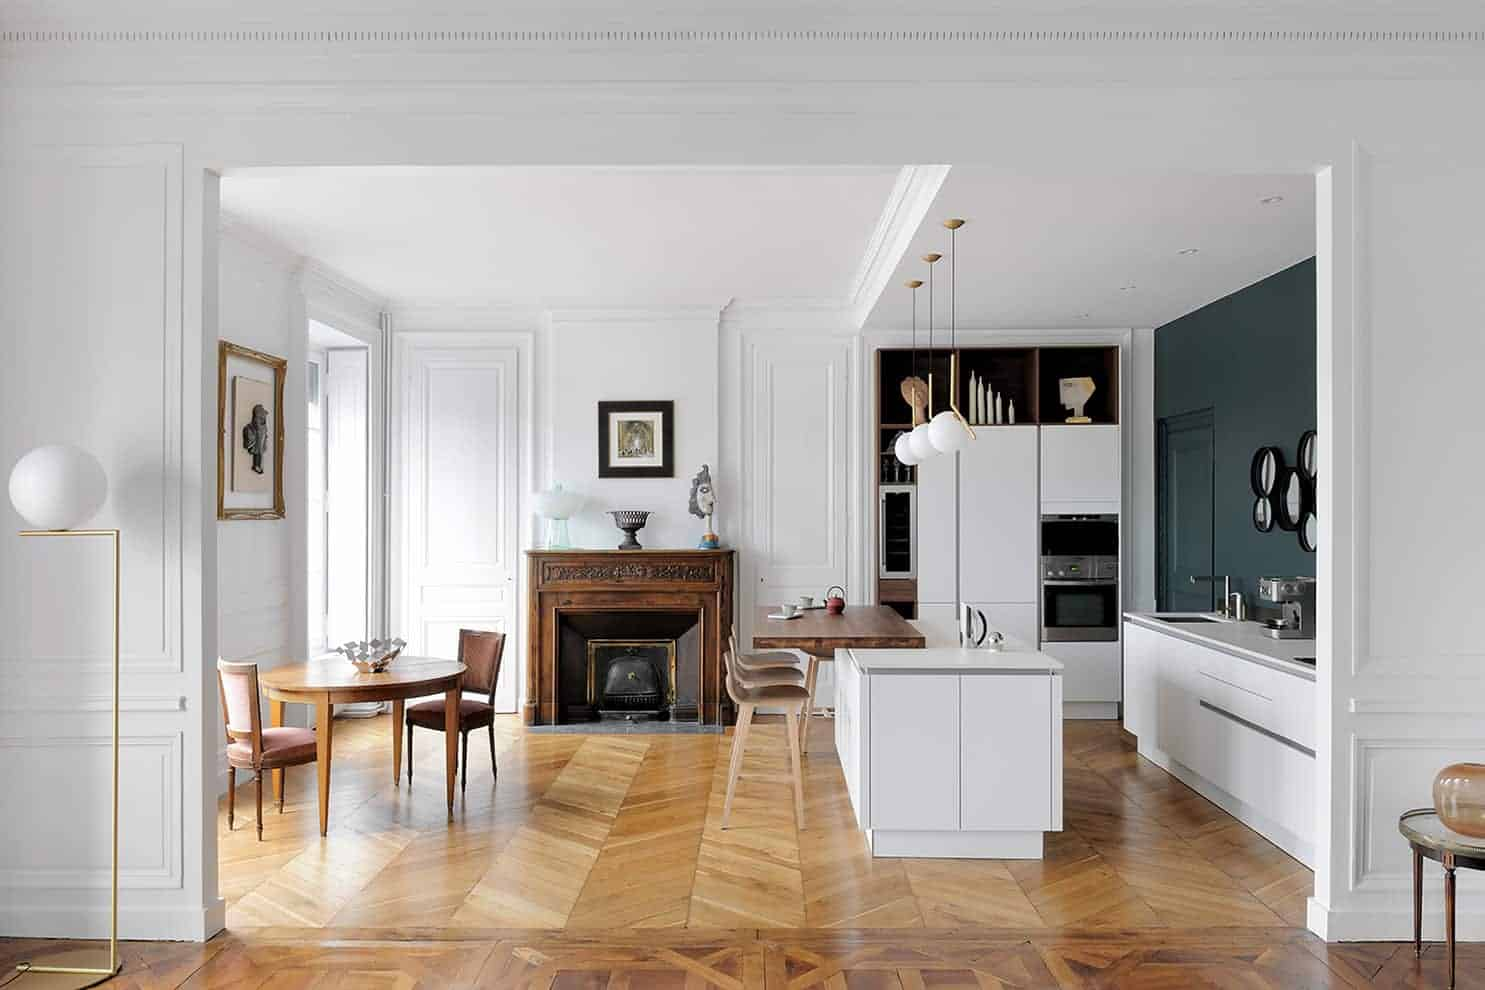 Espace cuisine/salle à manger. Parquet chevron d'origine. Cheminée en noyer d'époque. Cuisine contemporaine Nolte, réalisée par EC Cuisines. Tables et chaises de famille.